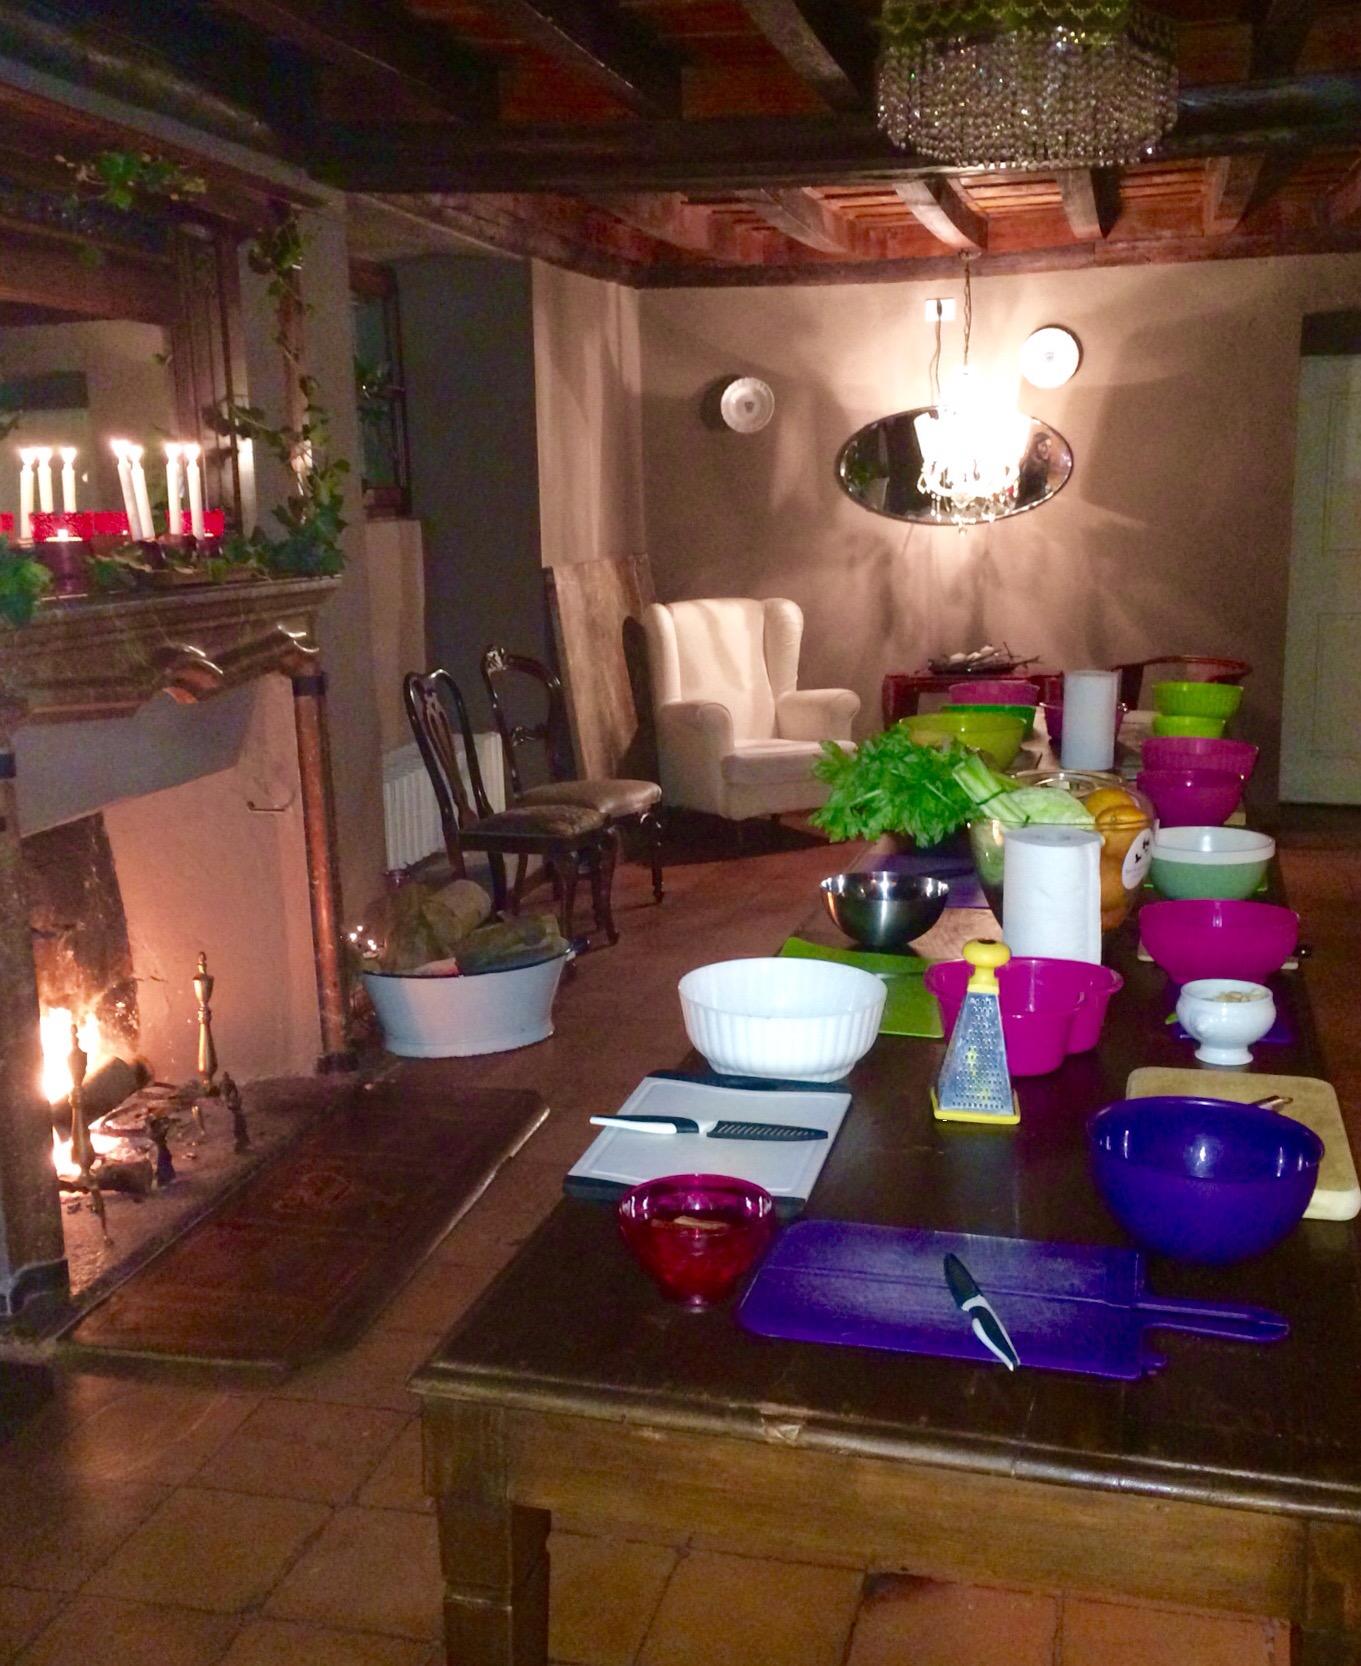 La mia preparazione al natale 2014 - Corsi cucina piacenza ...